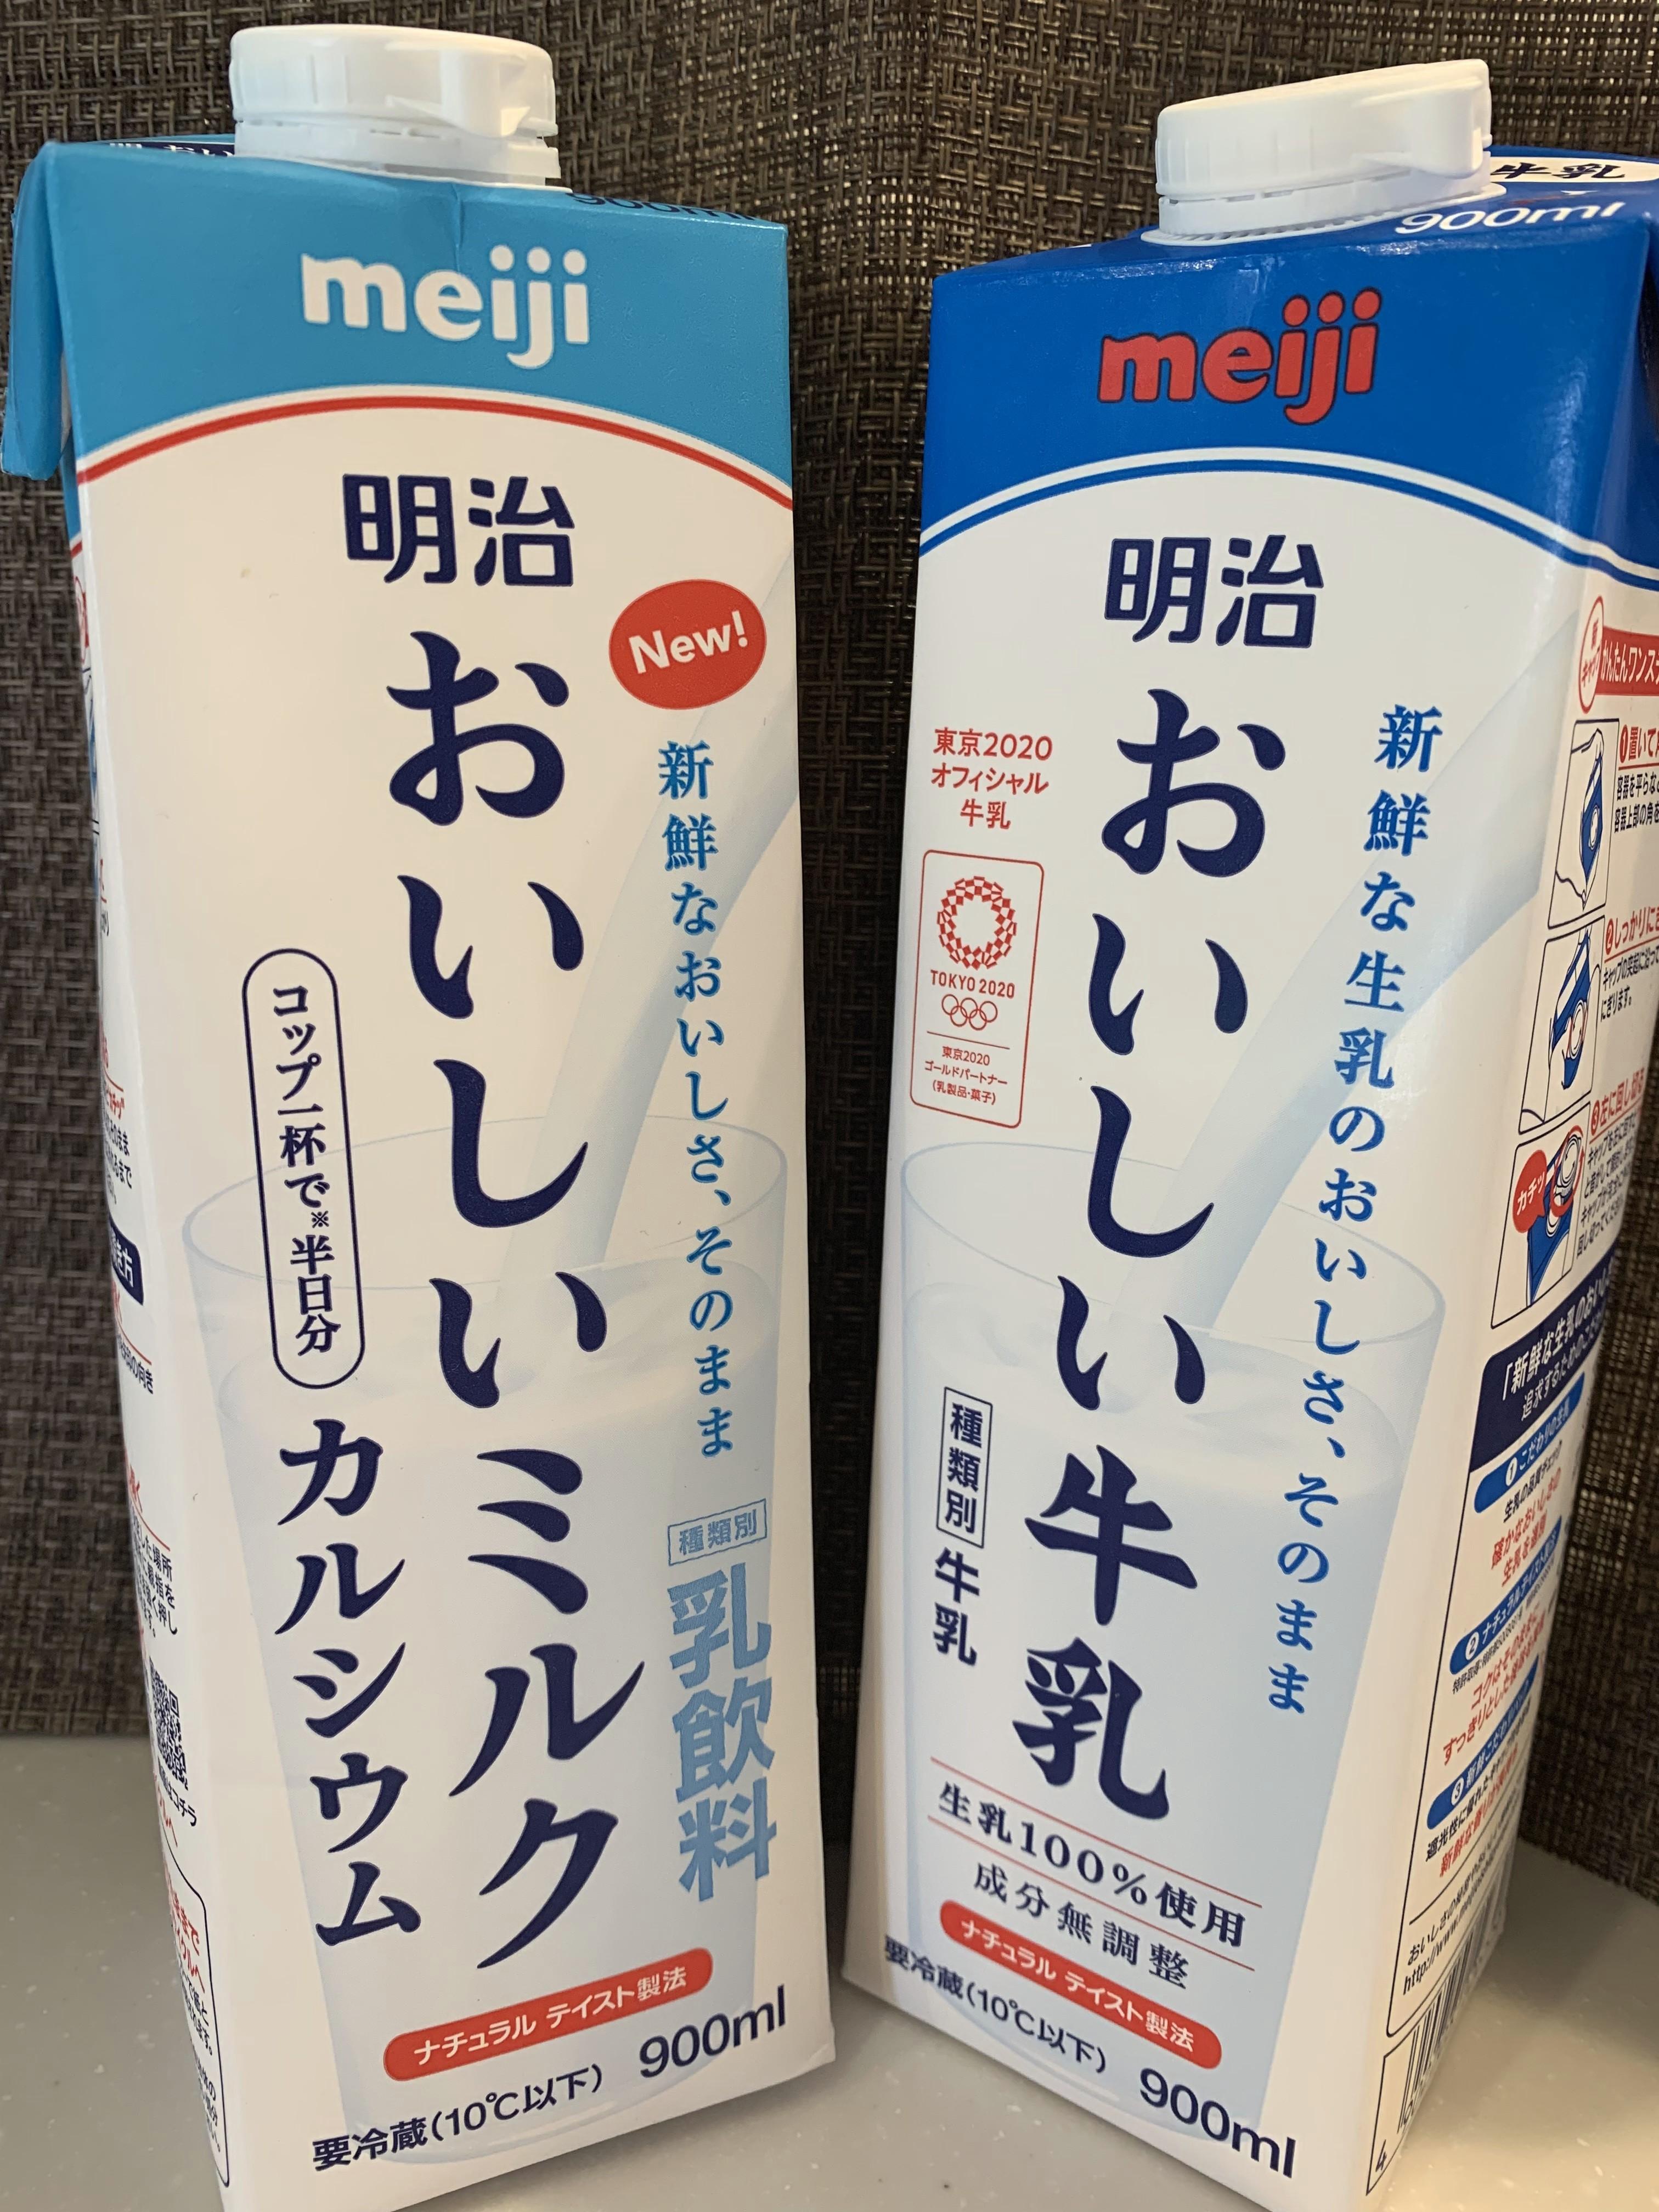 明治おいしいミルクカルシウムとおいしい牛乳飲み比べ:カロリー成分は?